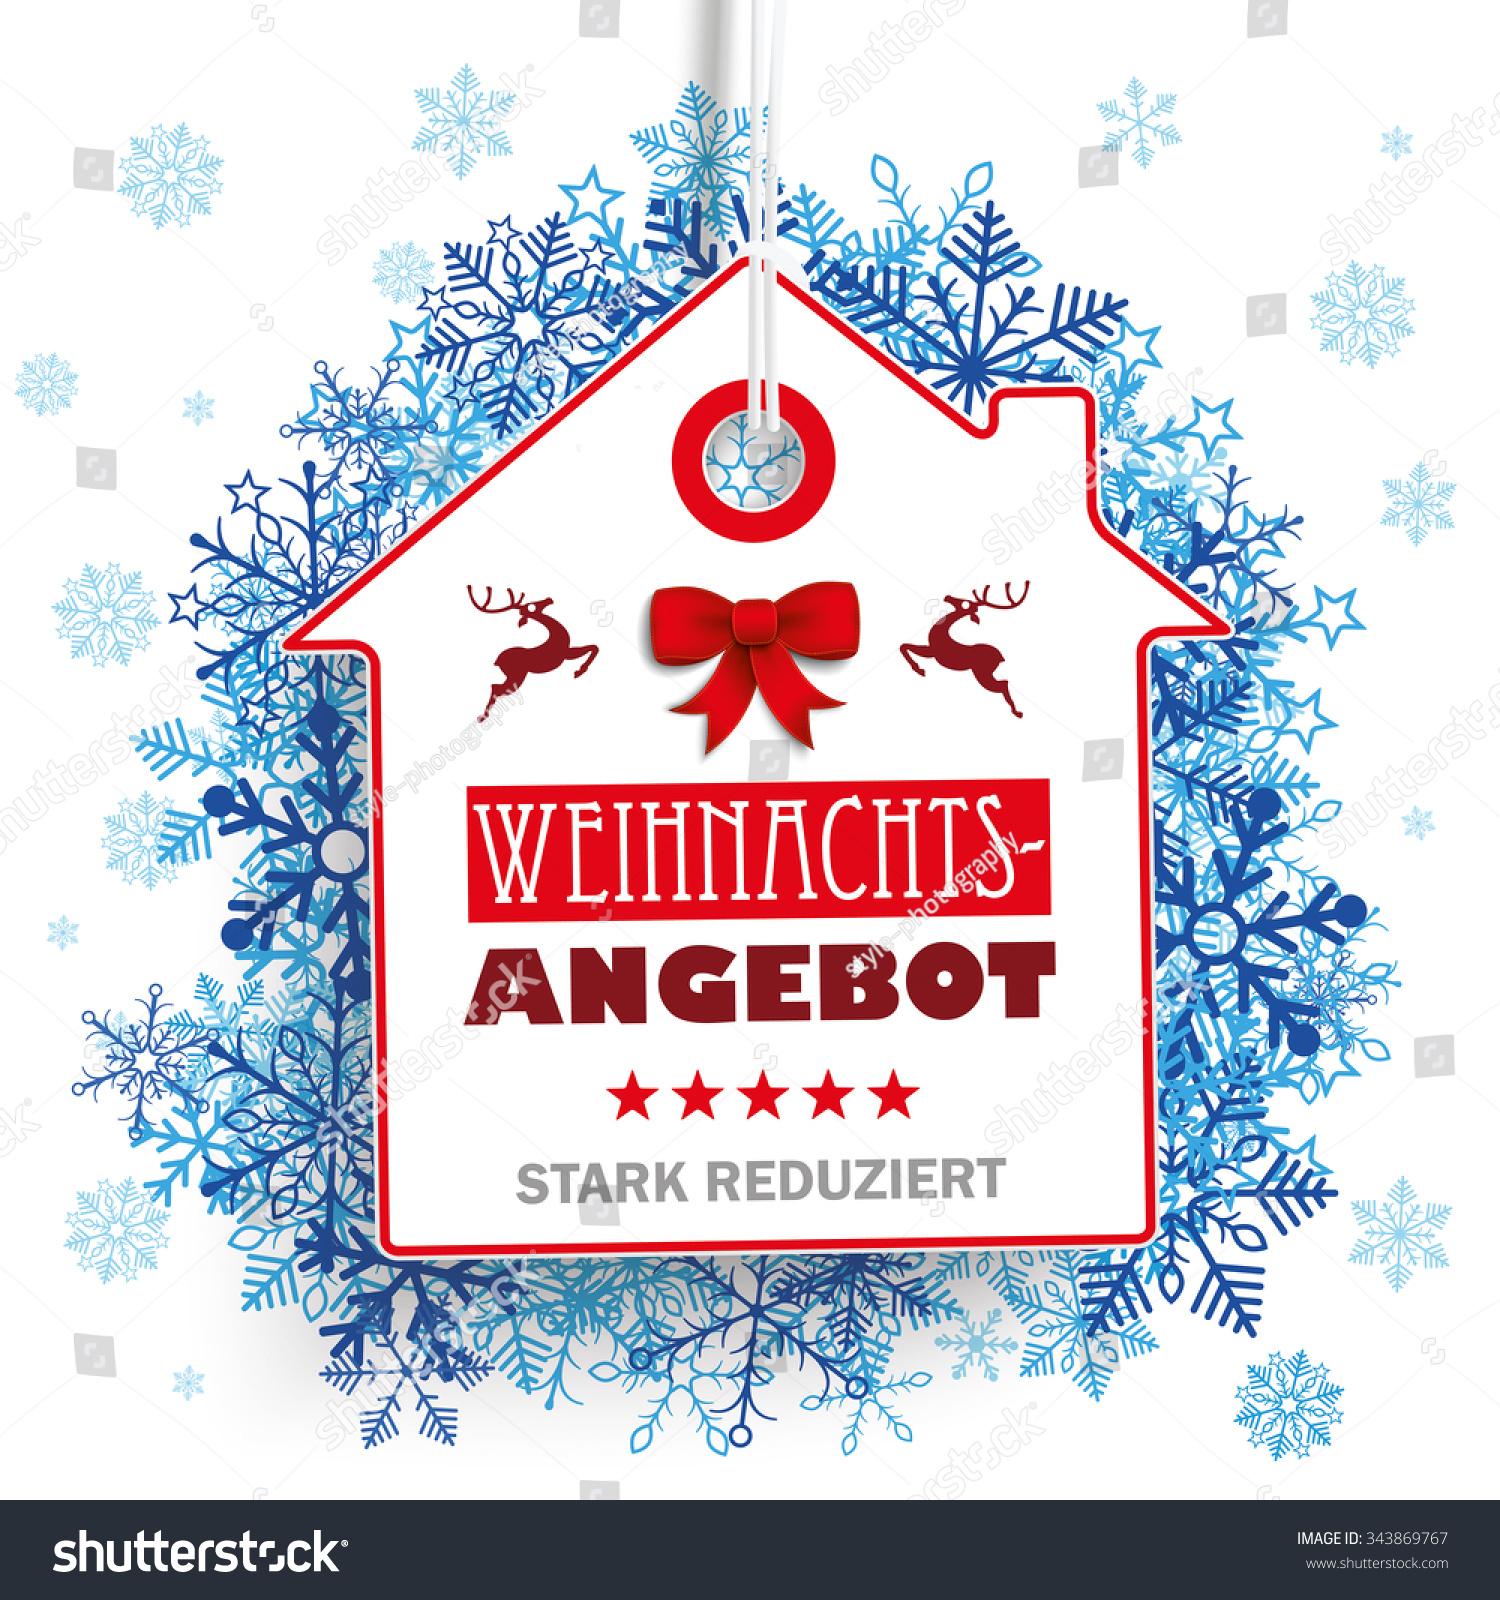 german text weihnachtsangebot stark reduziert translate stock vector 343869767 shutterstock